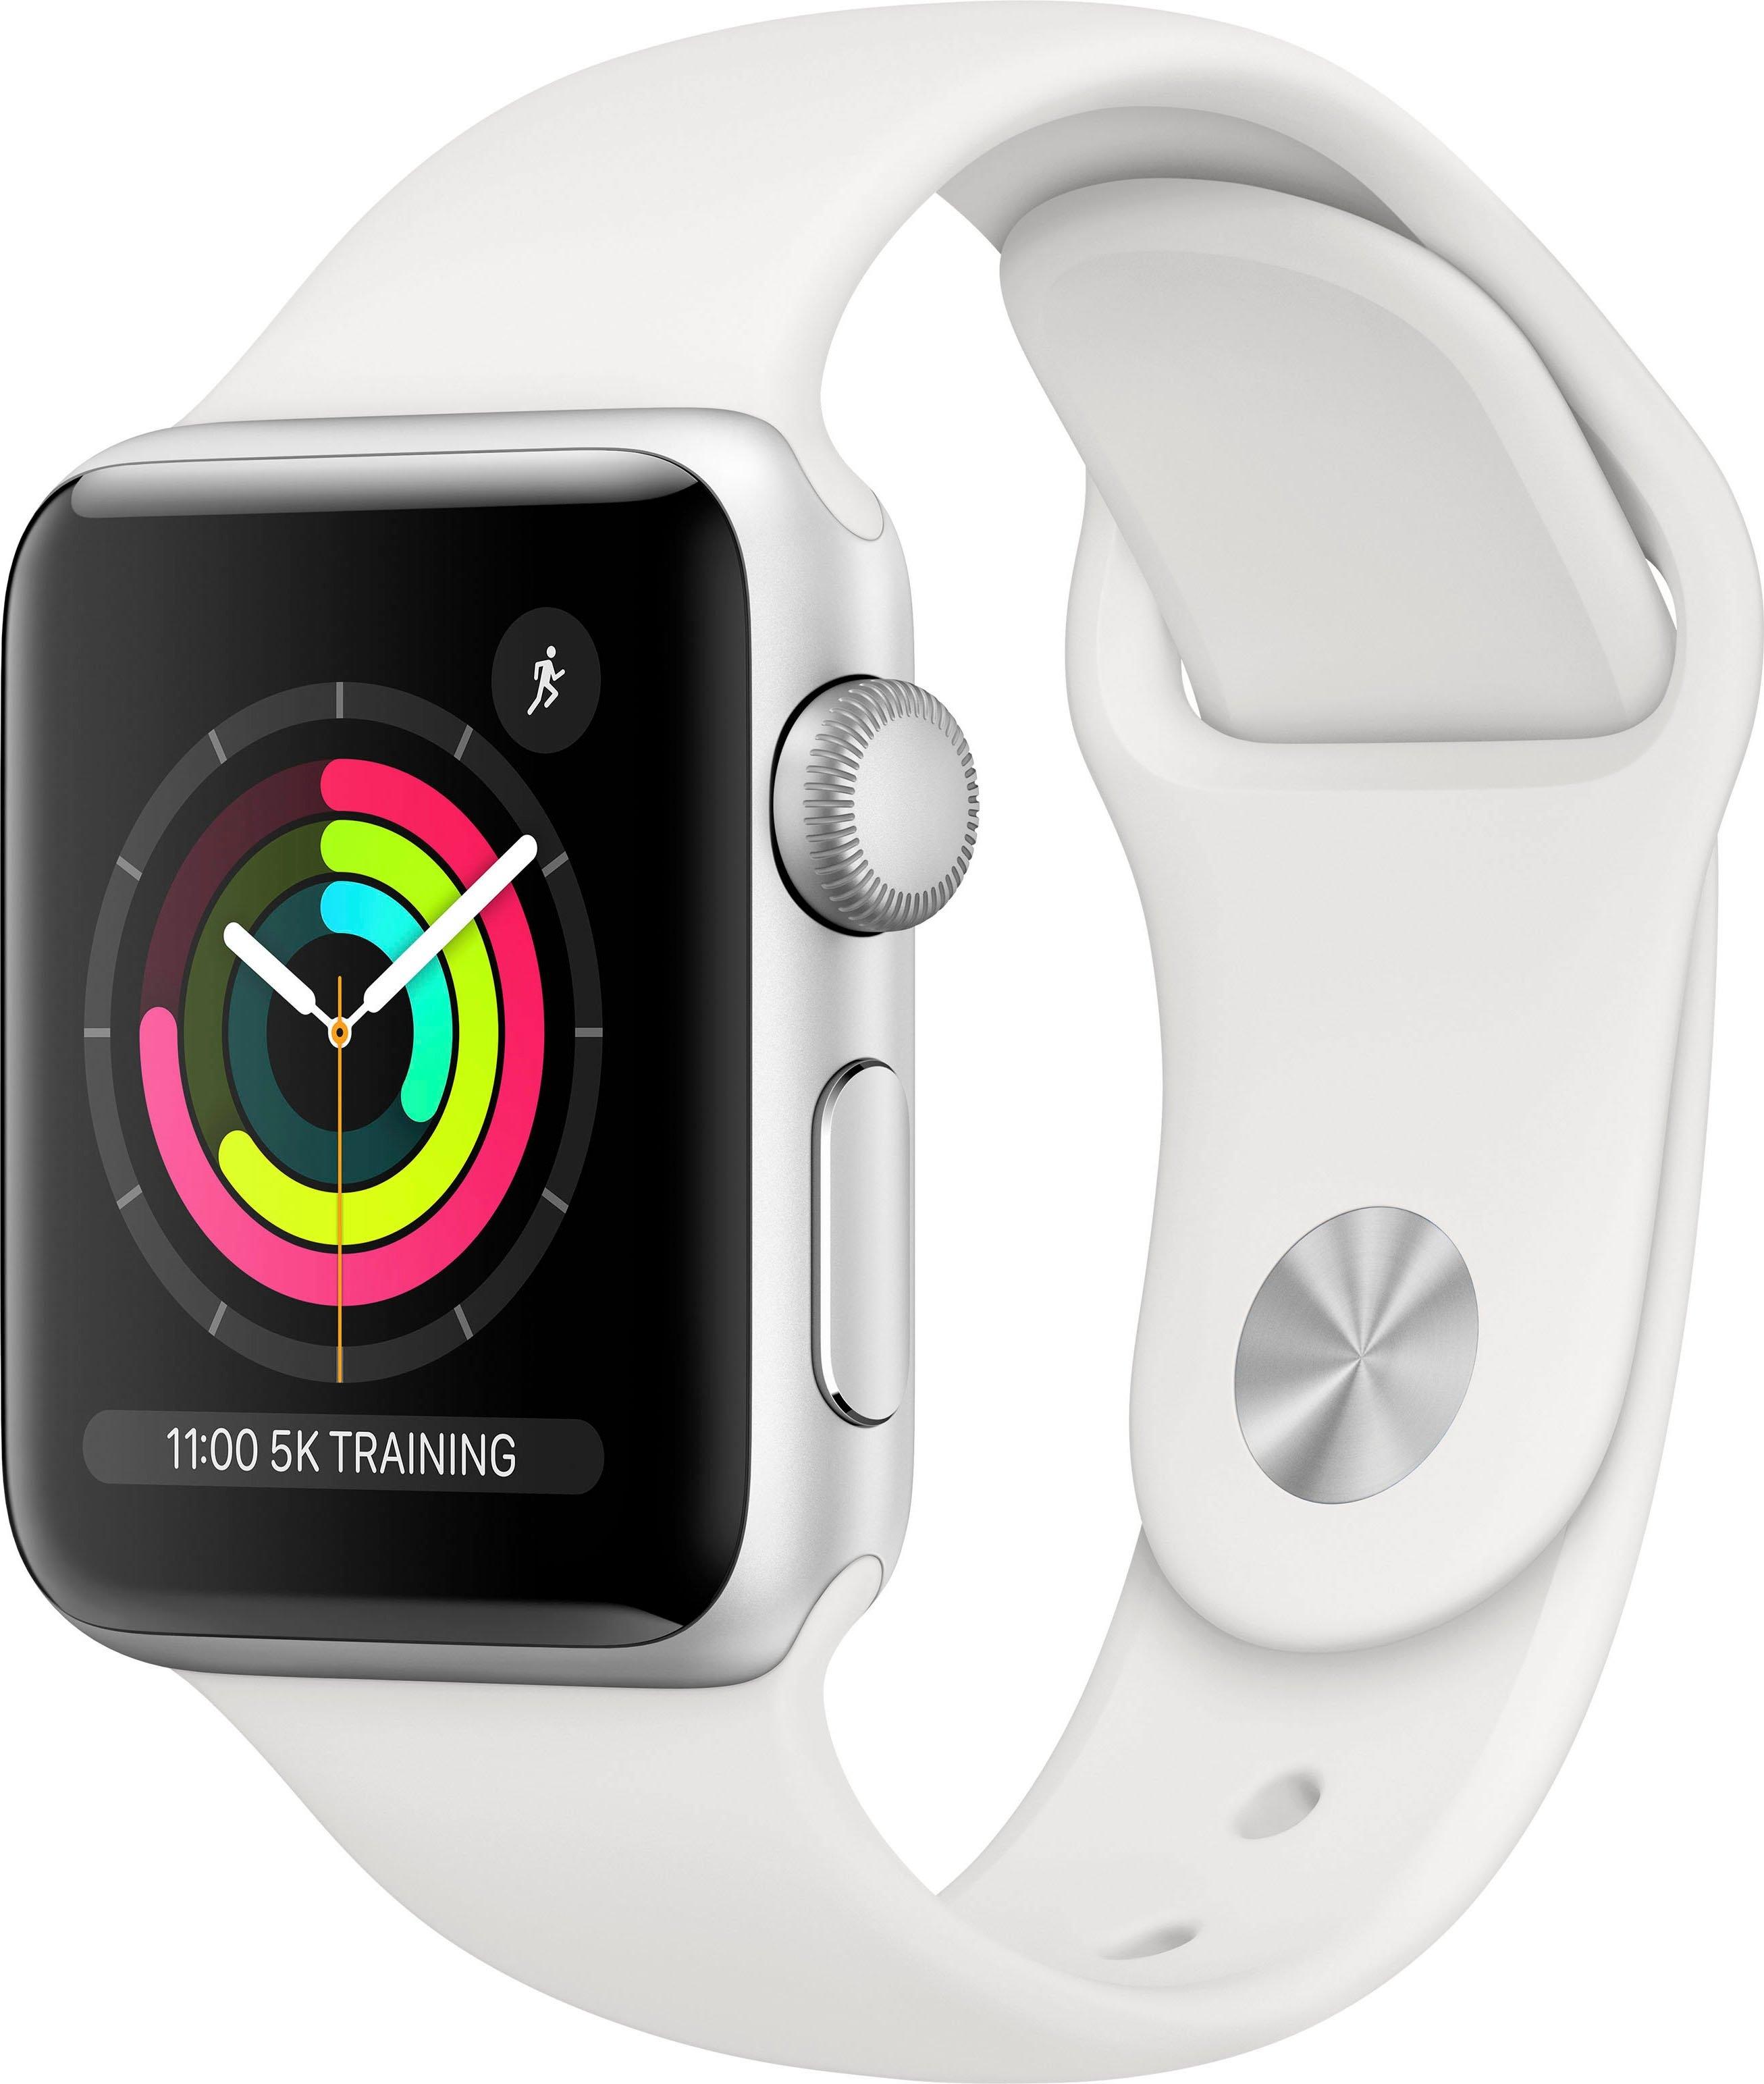 Apple Watch Series 3 gps, aluminium kast met sportbandje 38 mm inclusief oplaadstation (magnetische oplaadkabel) veilig op otto.nl kopen